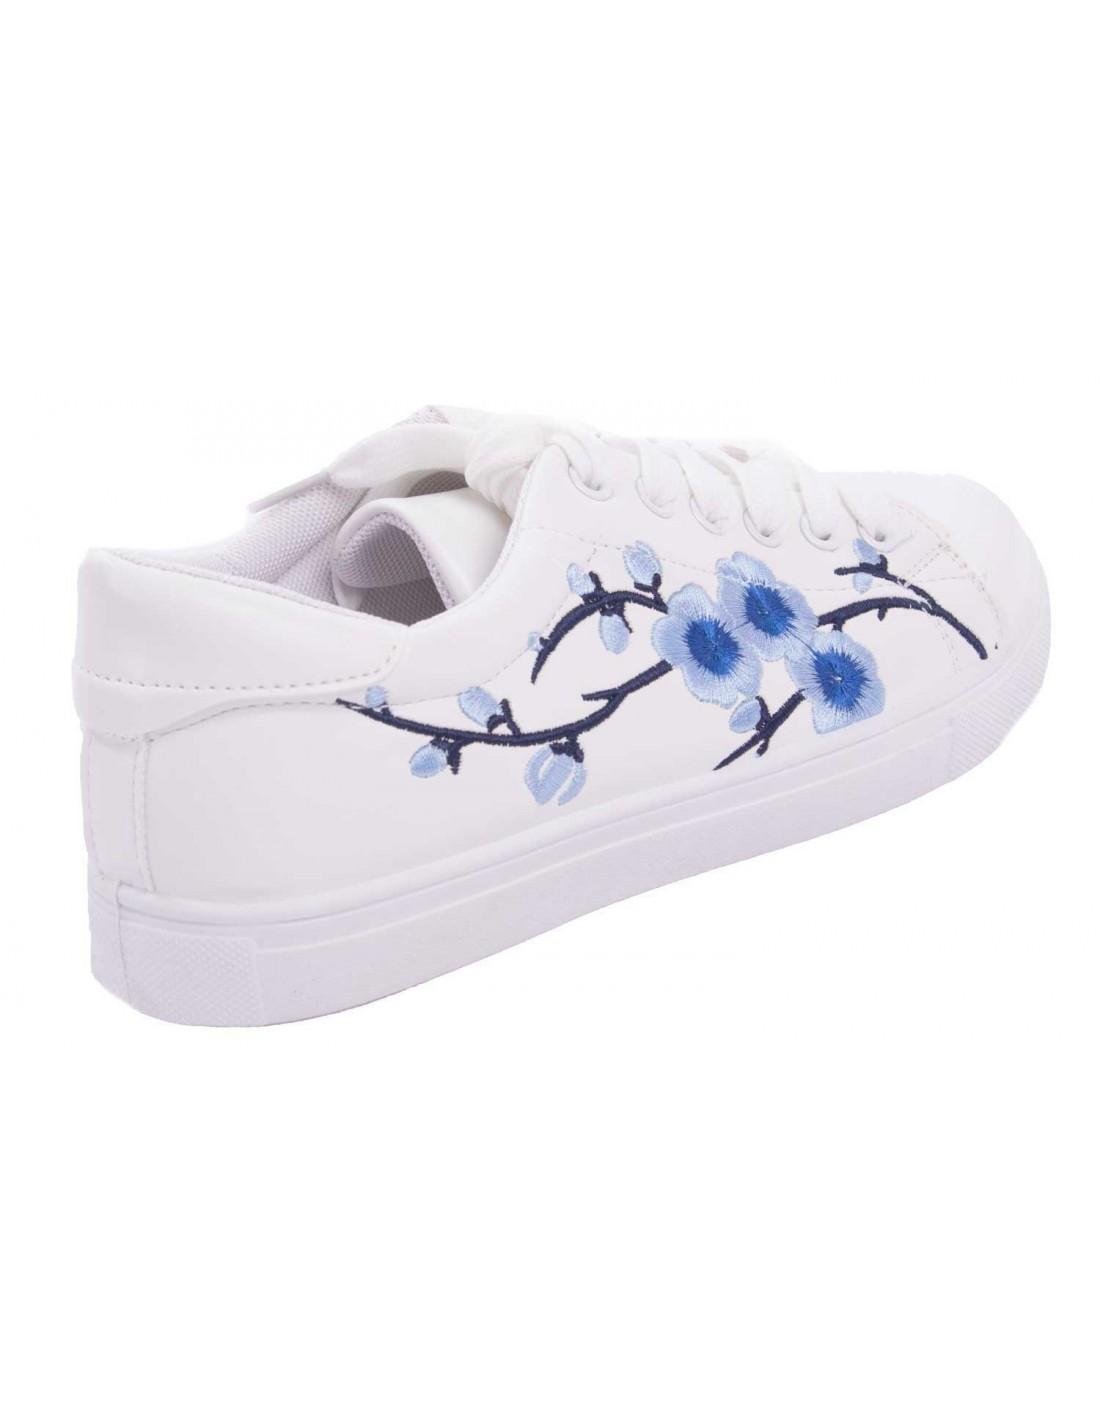 Baskets femme sport blanche fleur bleu brod e simili cuir for Fleurs envoyer pas cher